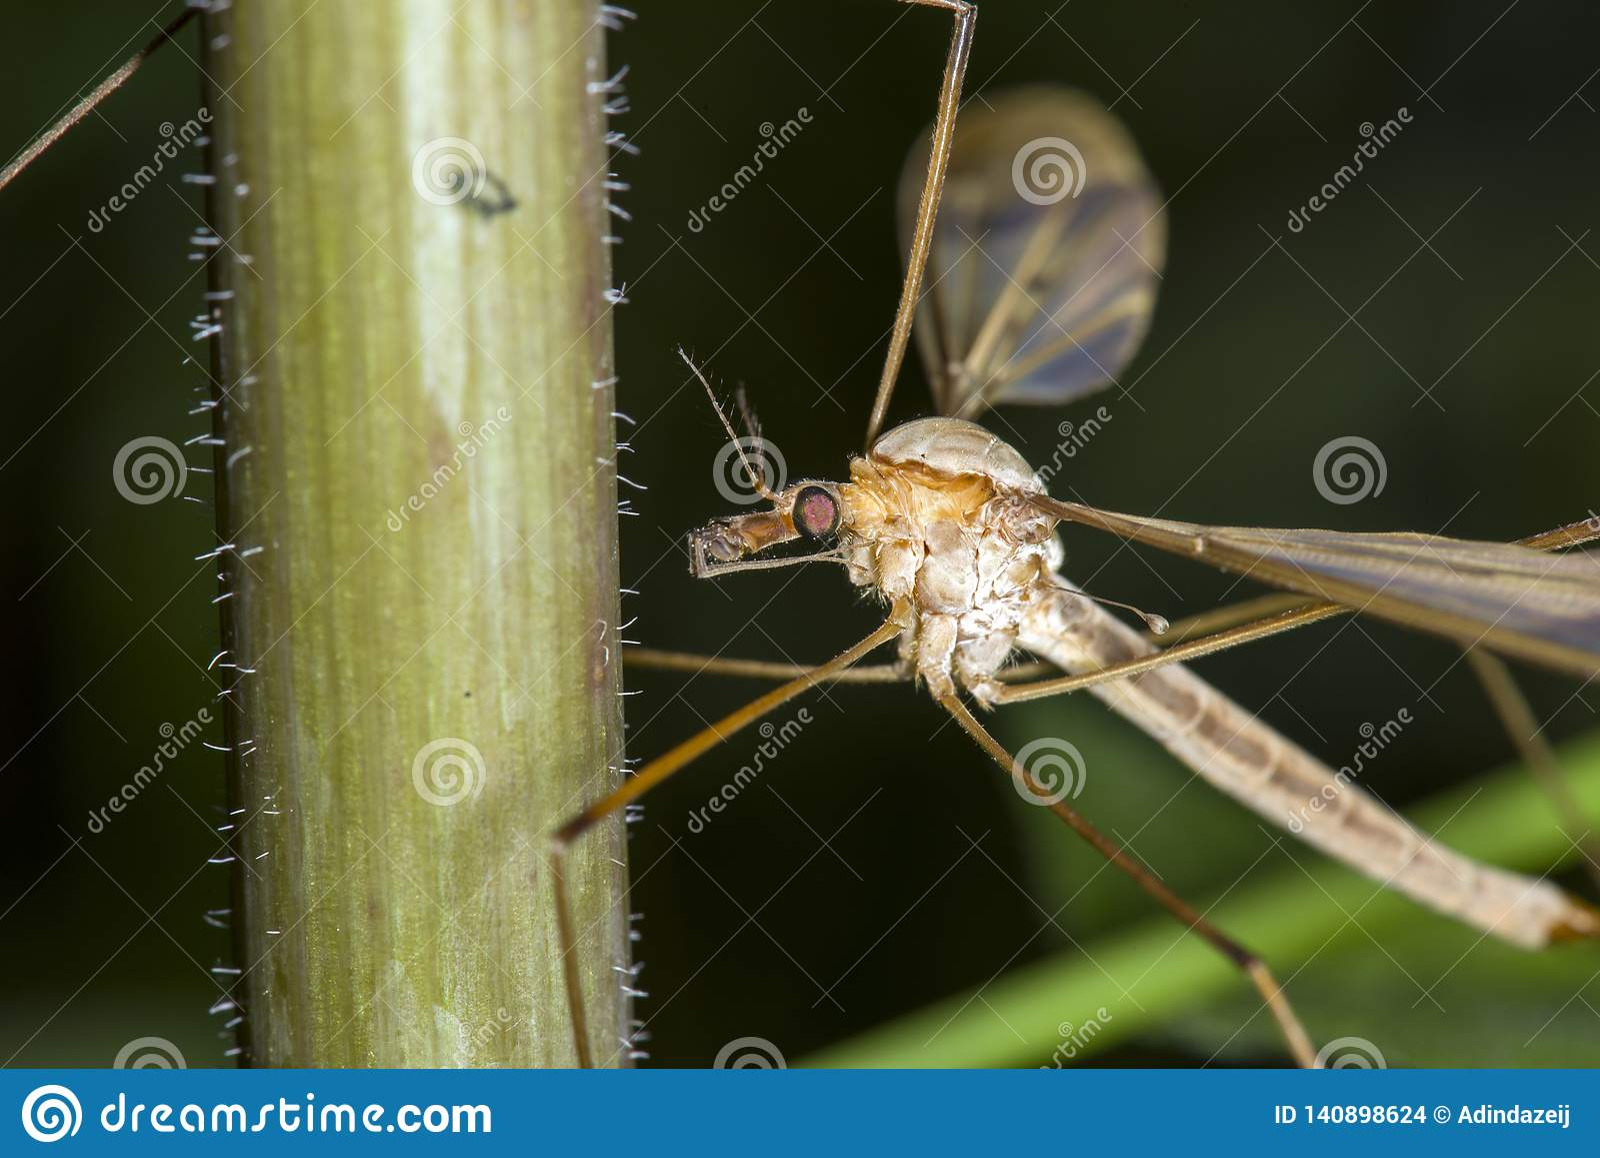 Imagen macra de mosquitos en la planta